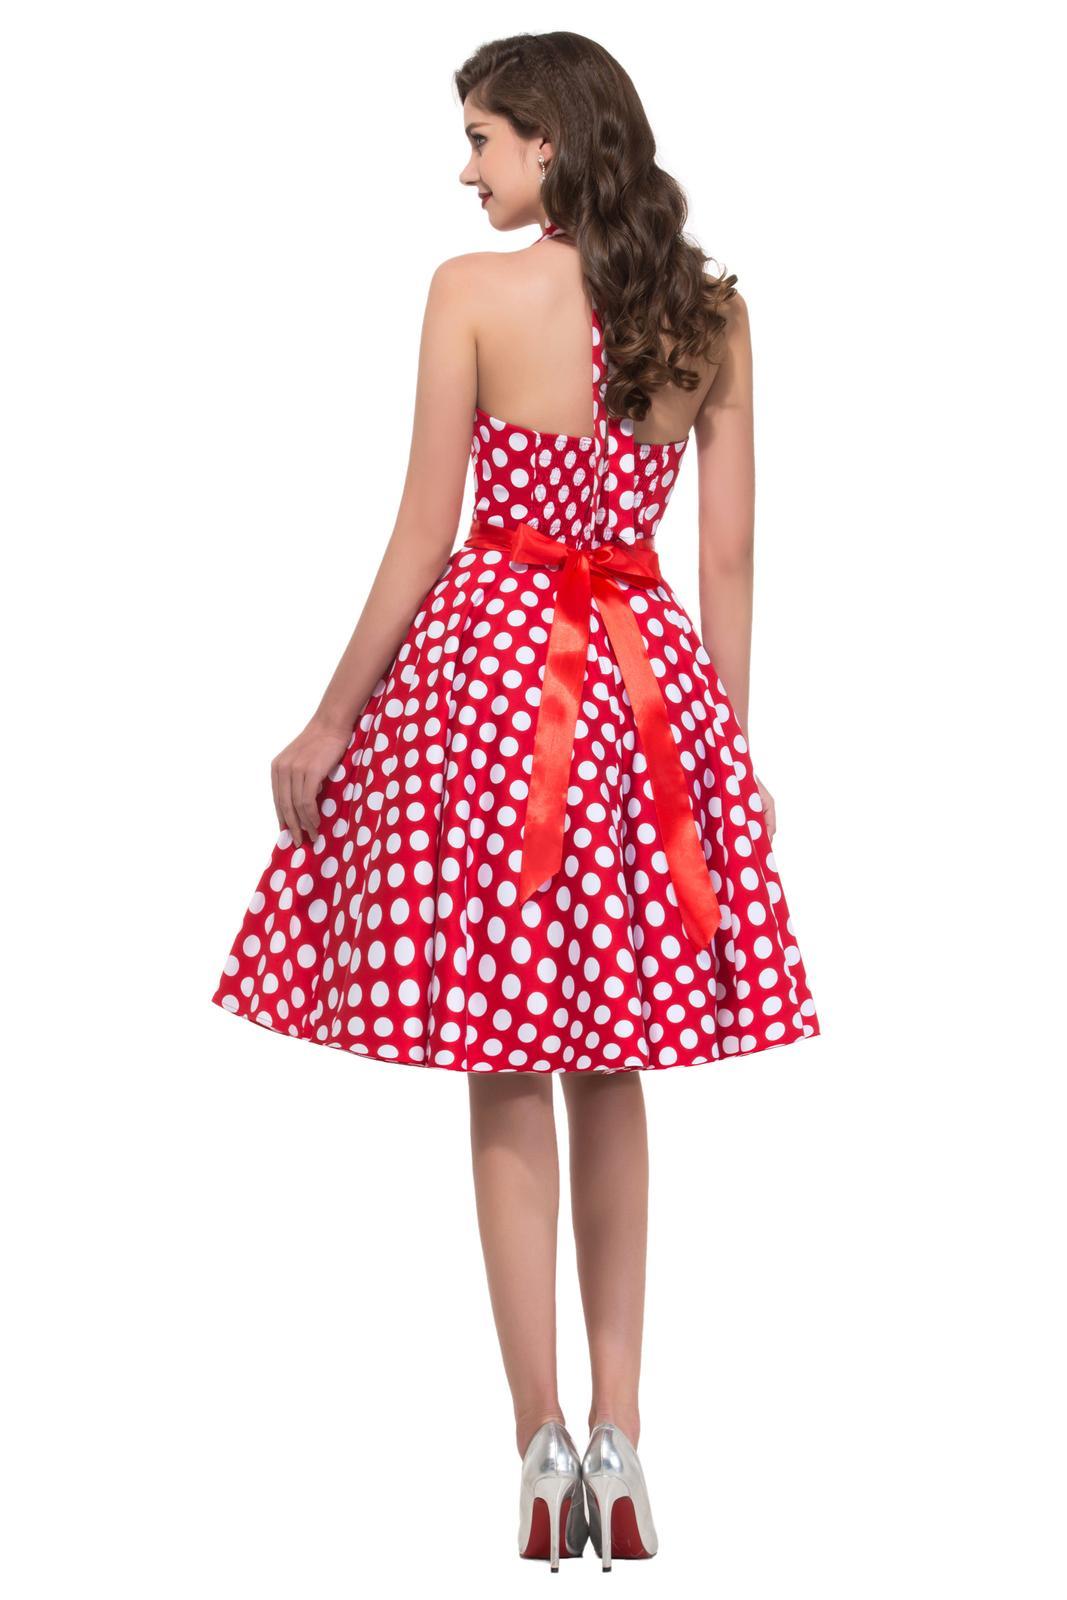 Retro šaty - Jedinečné červené retro šaty s bielymi guličkami - 50. roky SKLADOM: http://salonevamaria.sk/index.php?id_category=27&controller=category NA OBJEDNÁVKU: http://salonevamaria.sk/index.php?id_category=10&controller=category